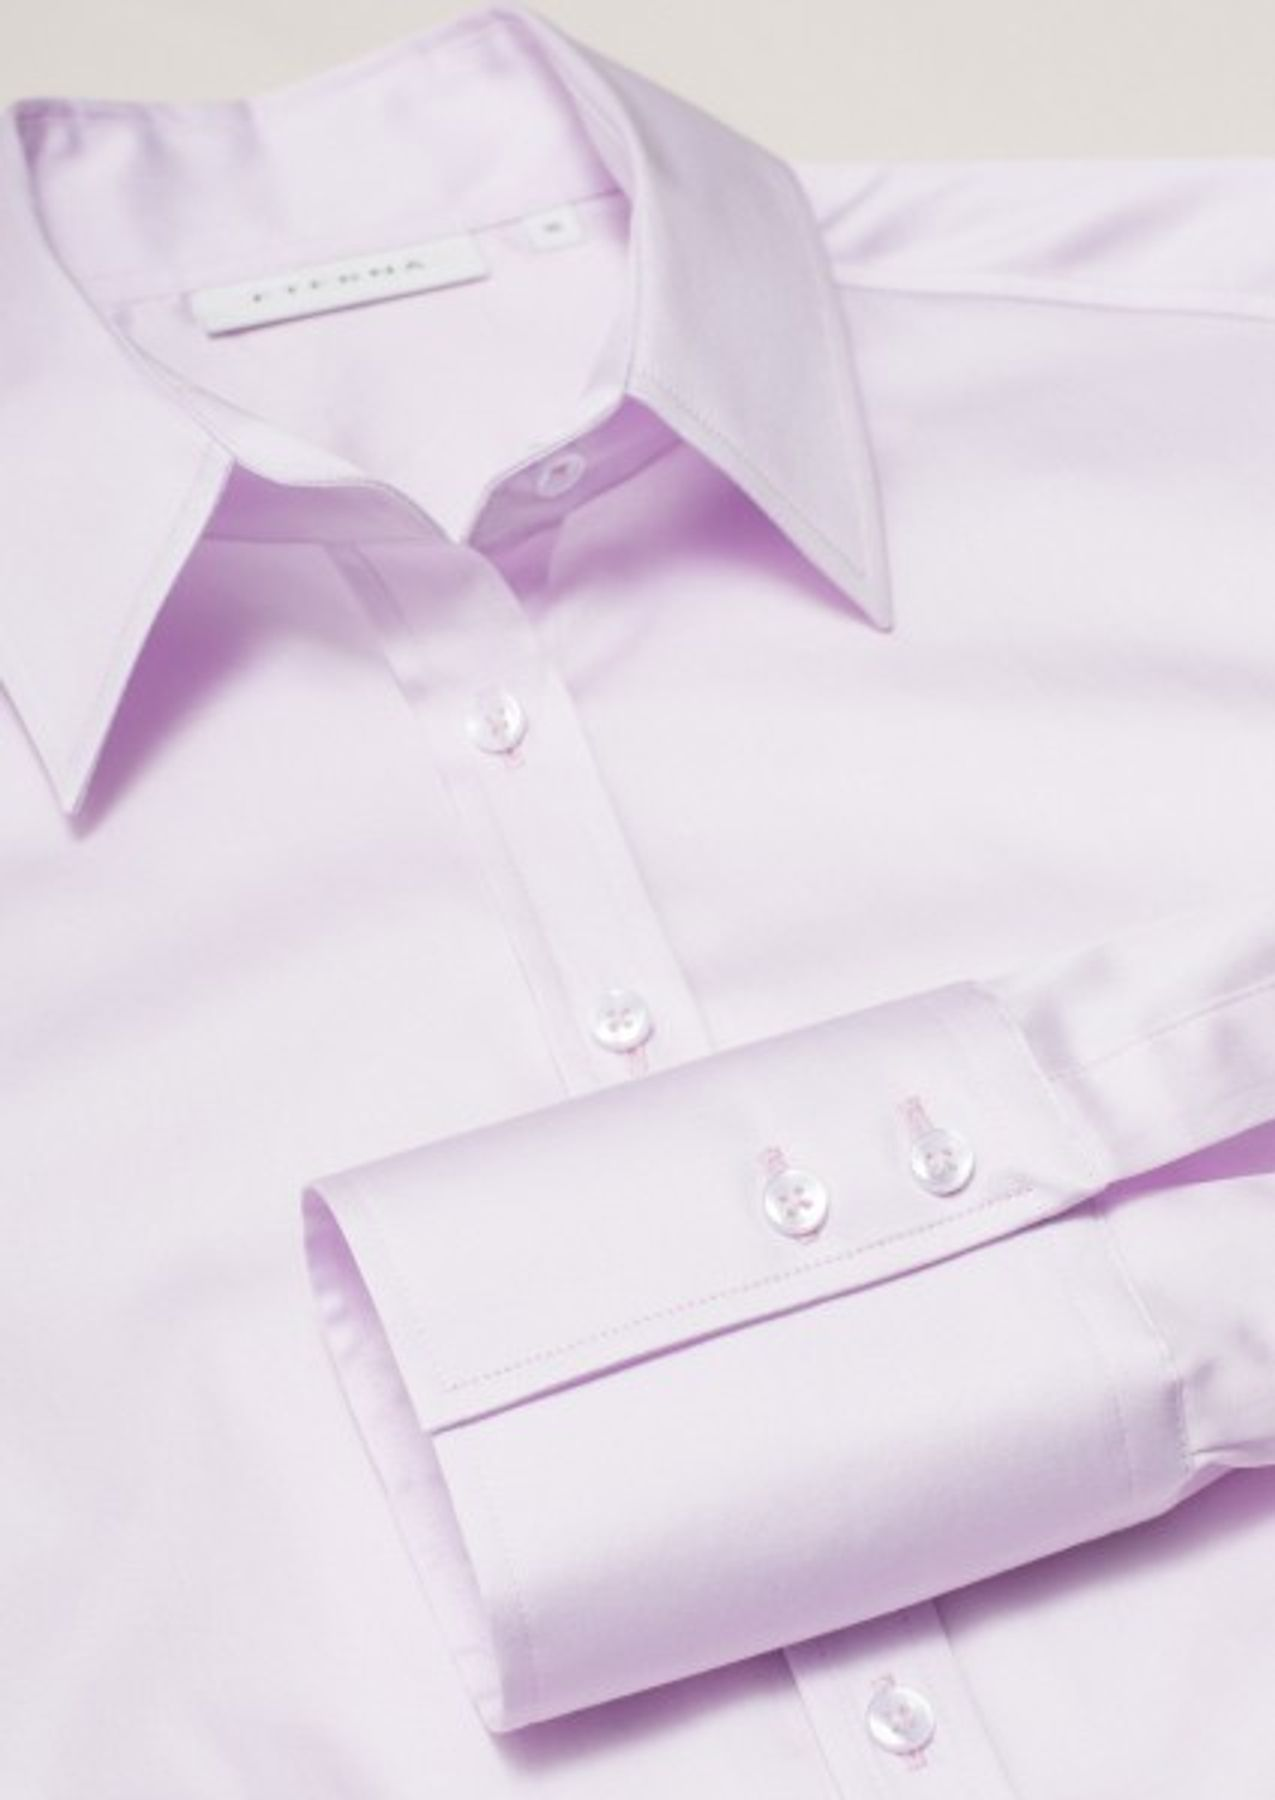 Eterna -  Comfort-Fit - Bügelfreie Damen Bluse Langarm in Weiß, Blau oder Rosé (5352 D624) – Bild 9